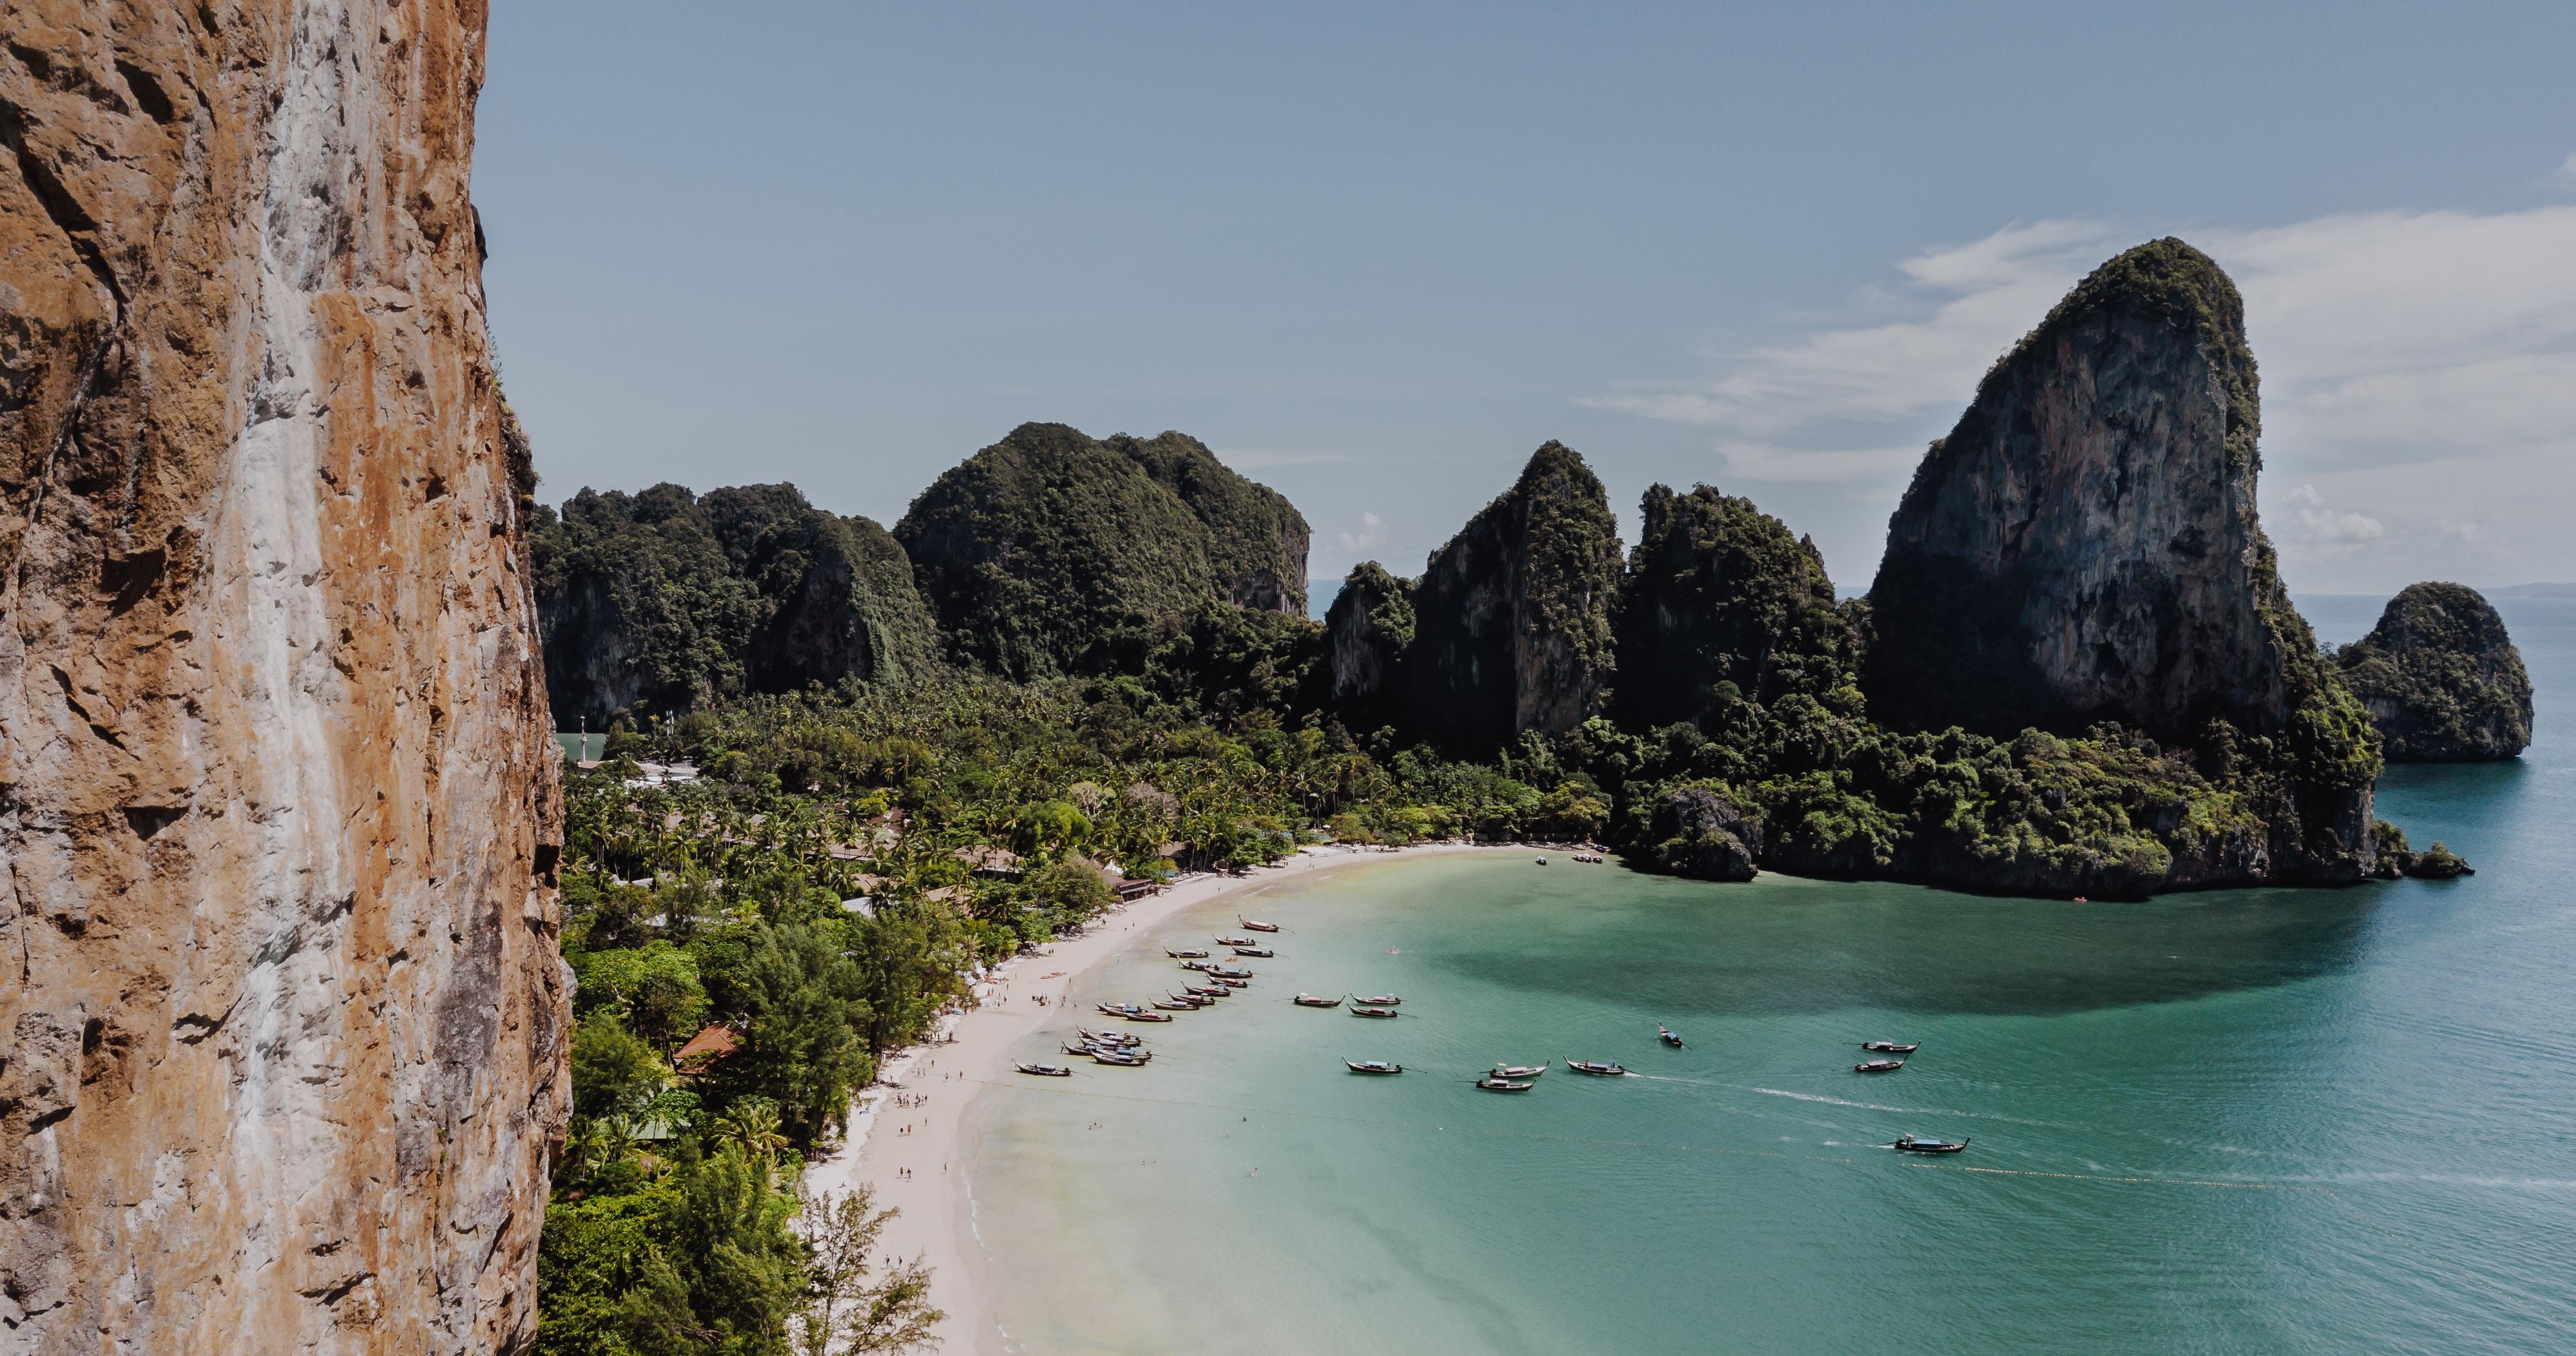 Vacaciones en Tailandia